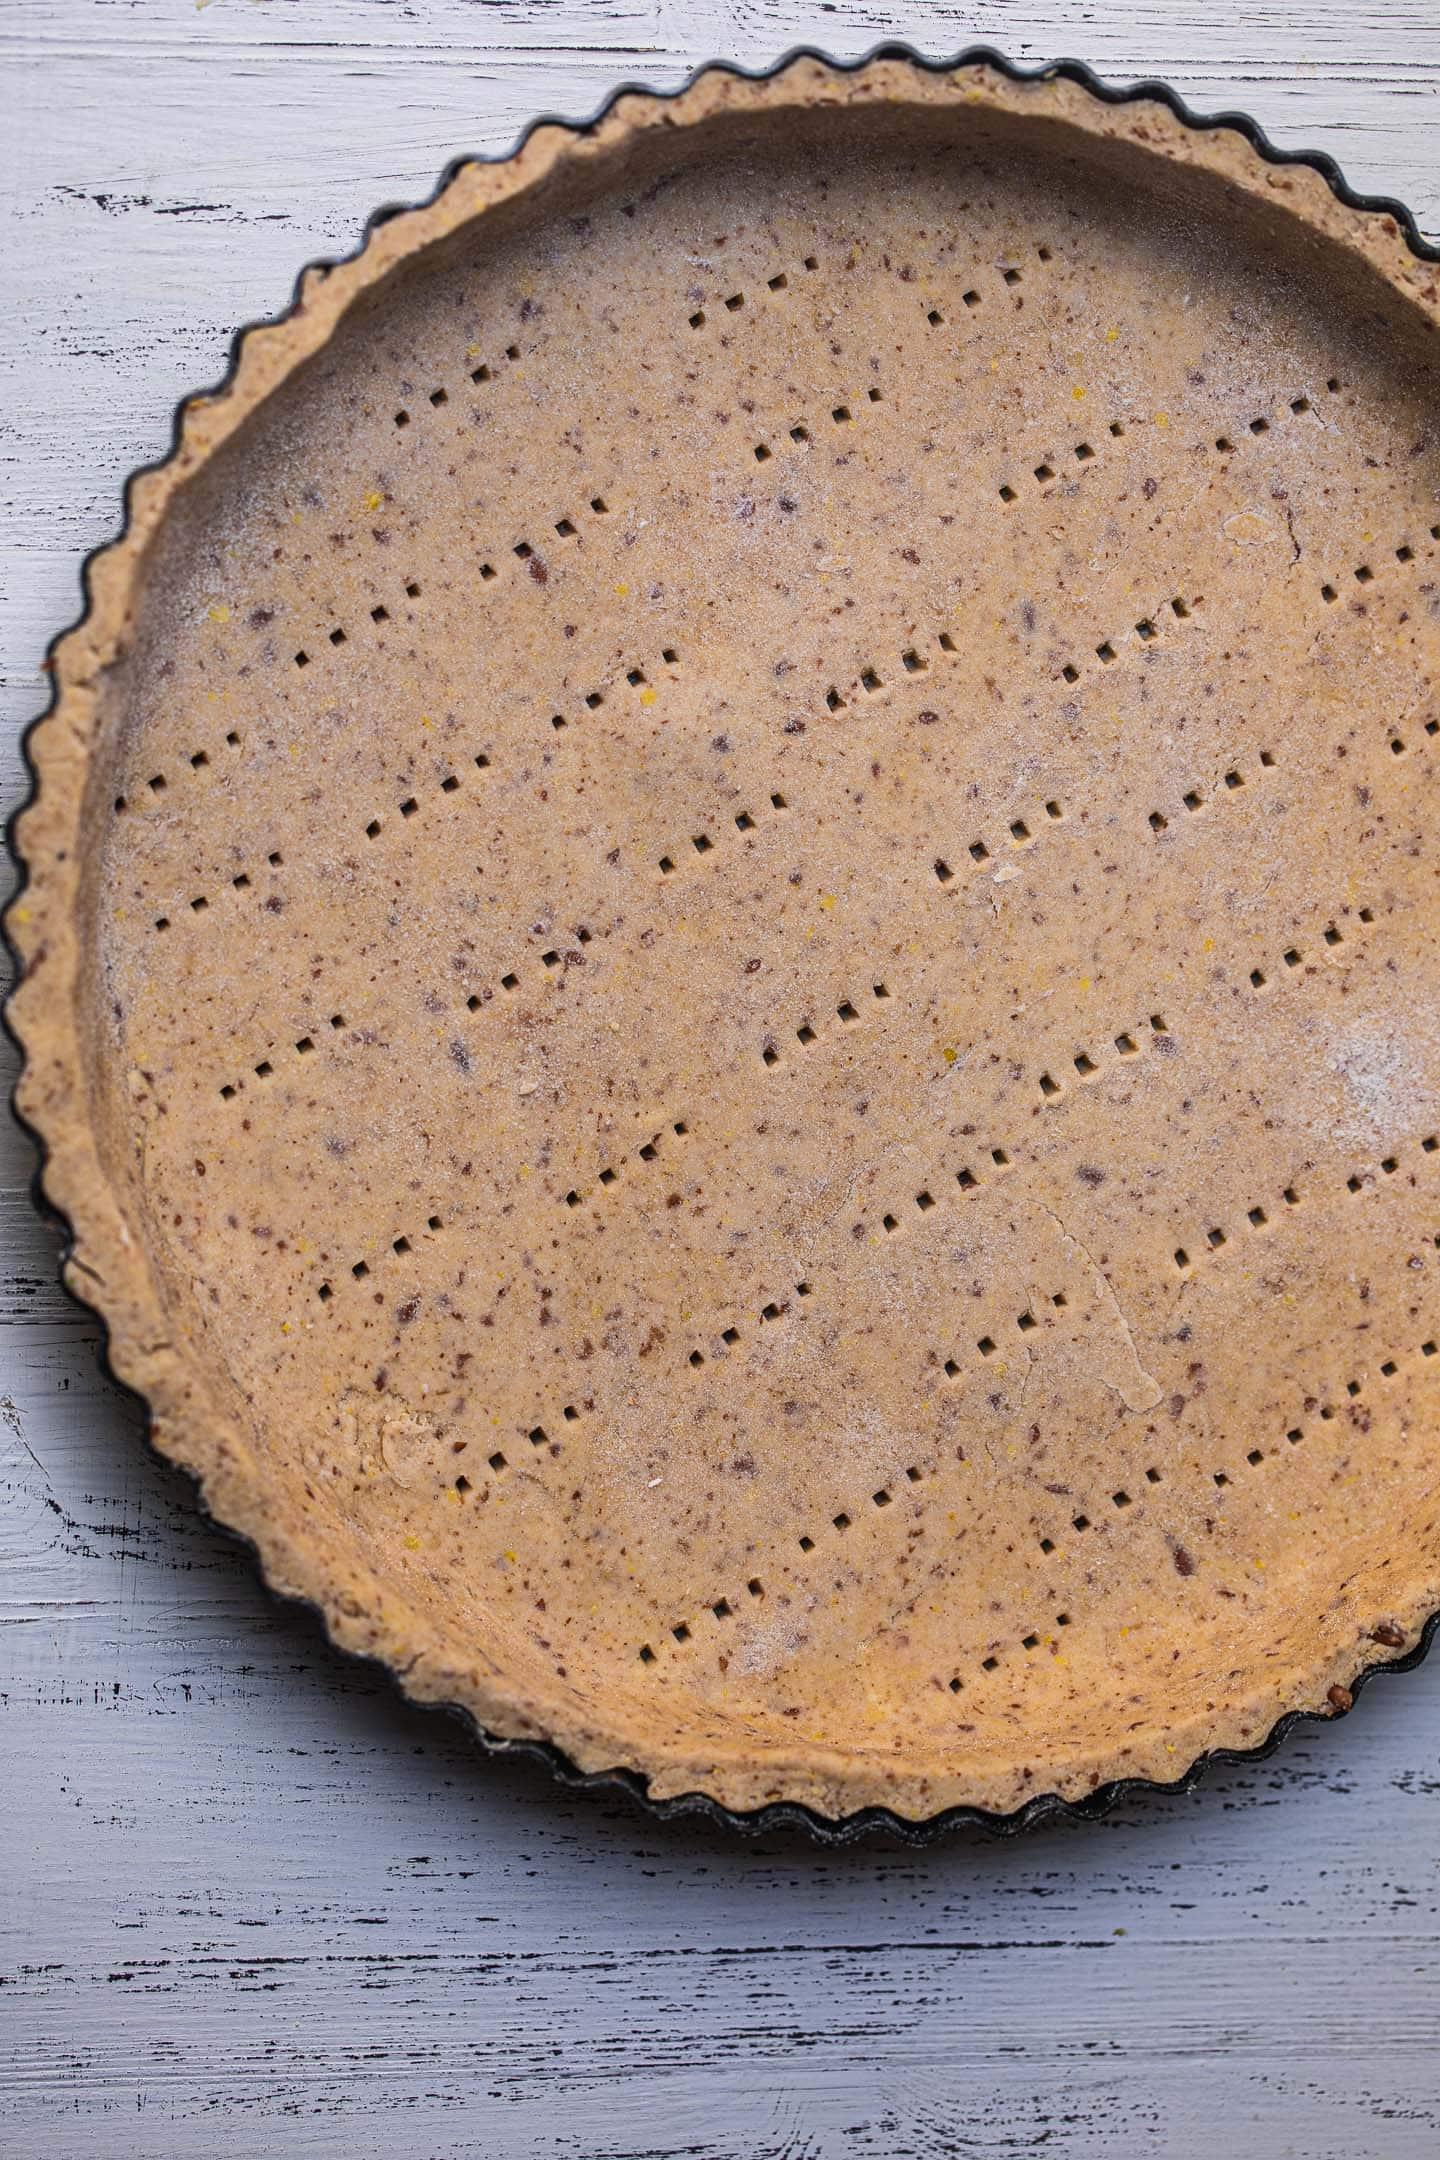 Gluten-free vegan quiche crust